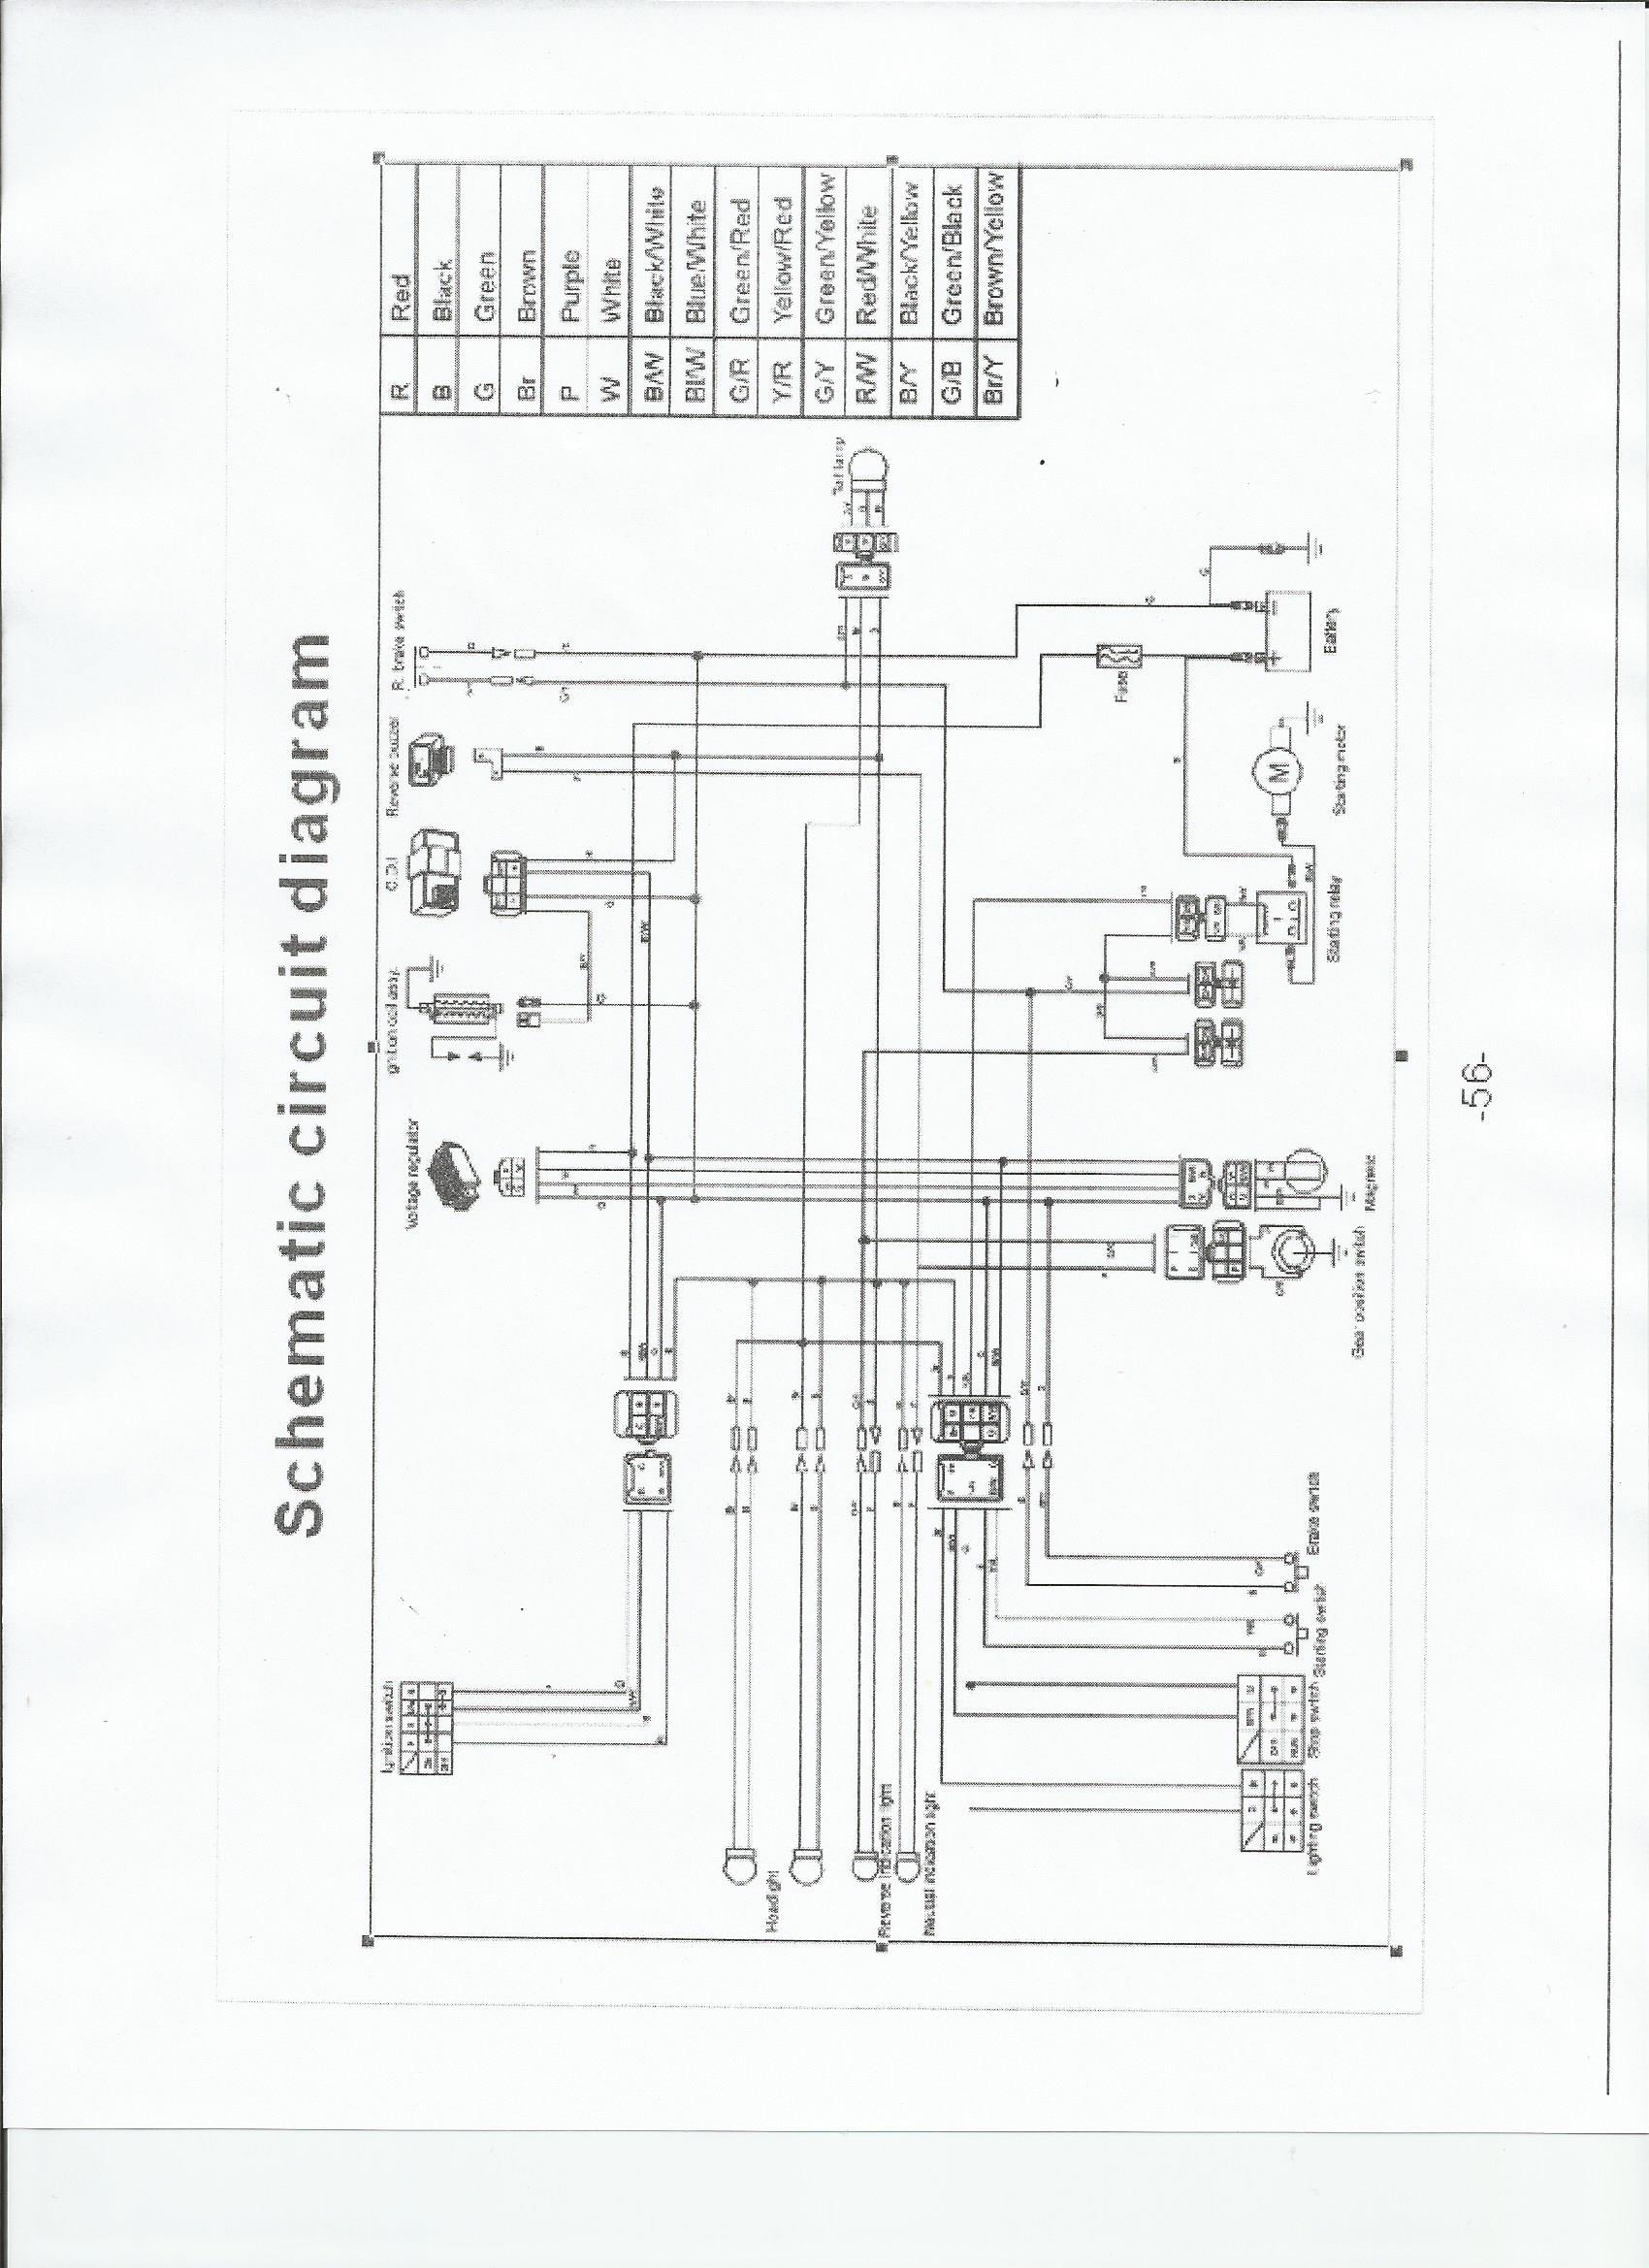 atv wiring schematics wiring diagram golschematics for wiring a quad wiring diagram schema atv wiring diagram chinese atv wiring schematics